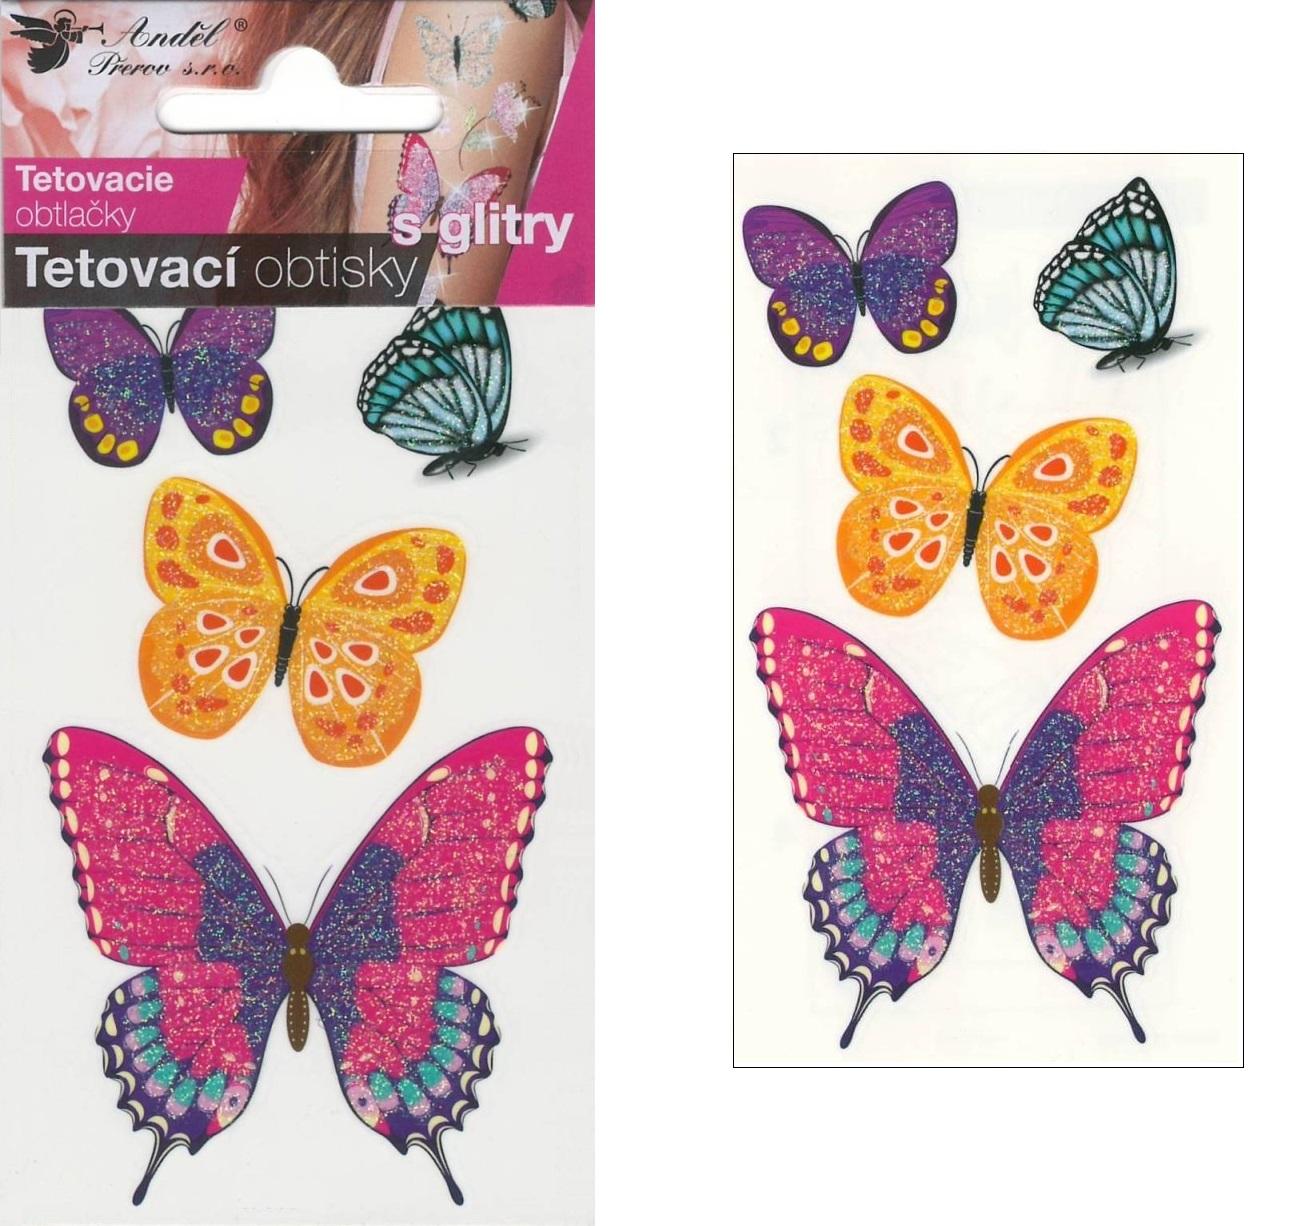 Obtisky tetovací s glitry 10,5x6 cm- motýli (1102)